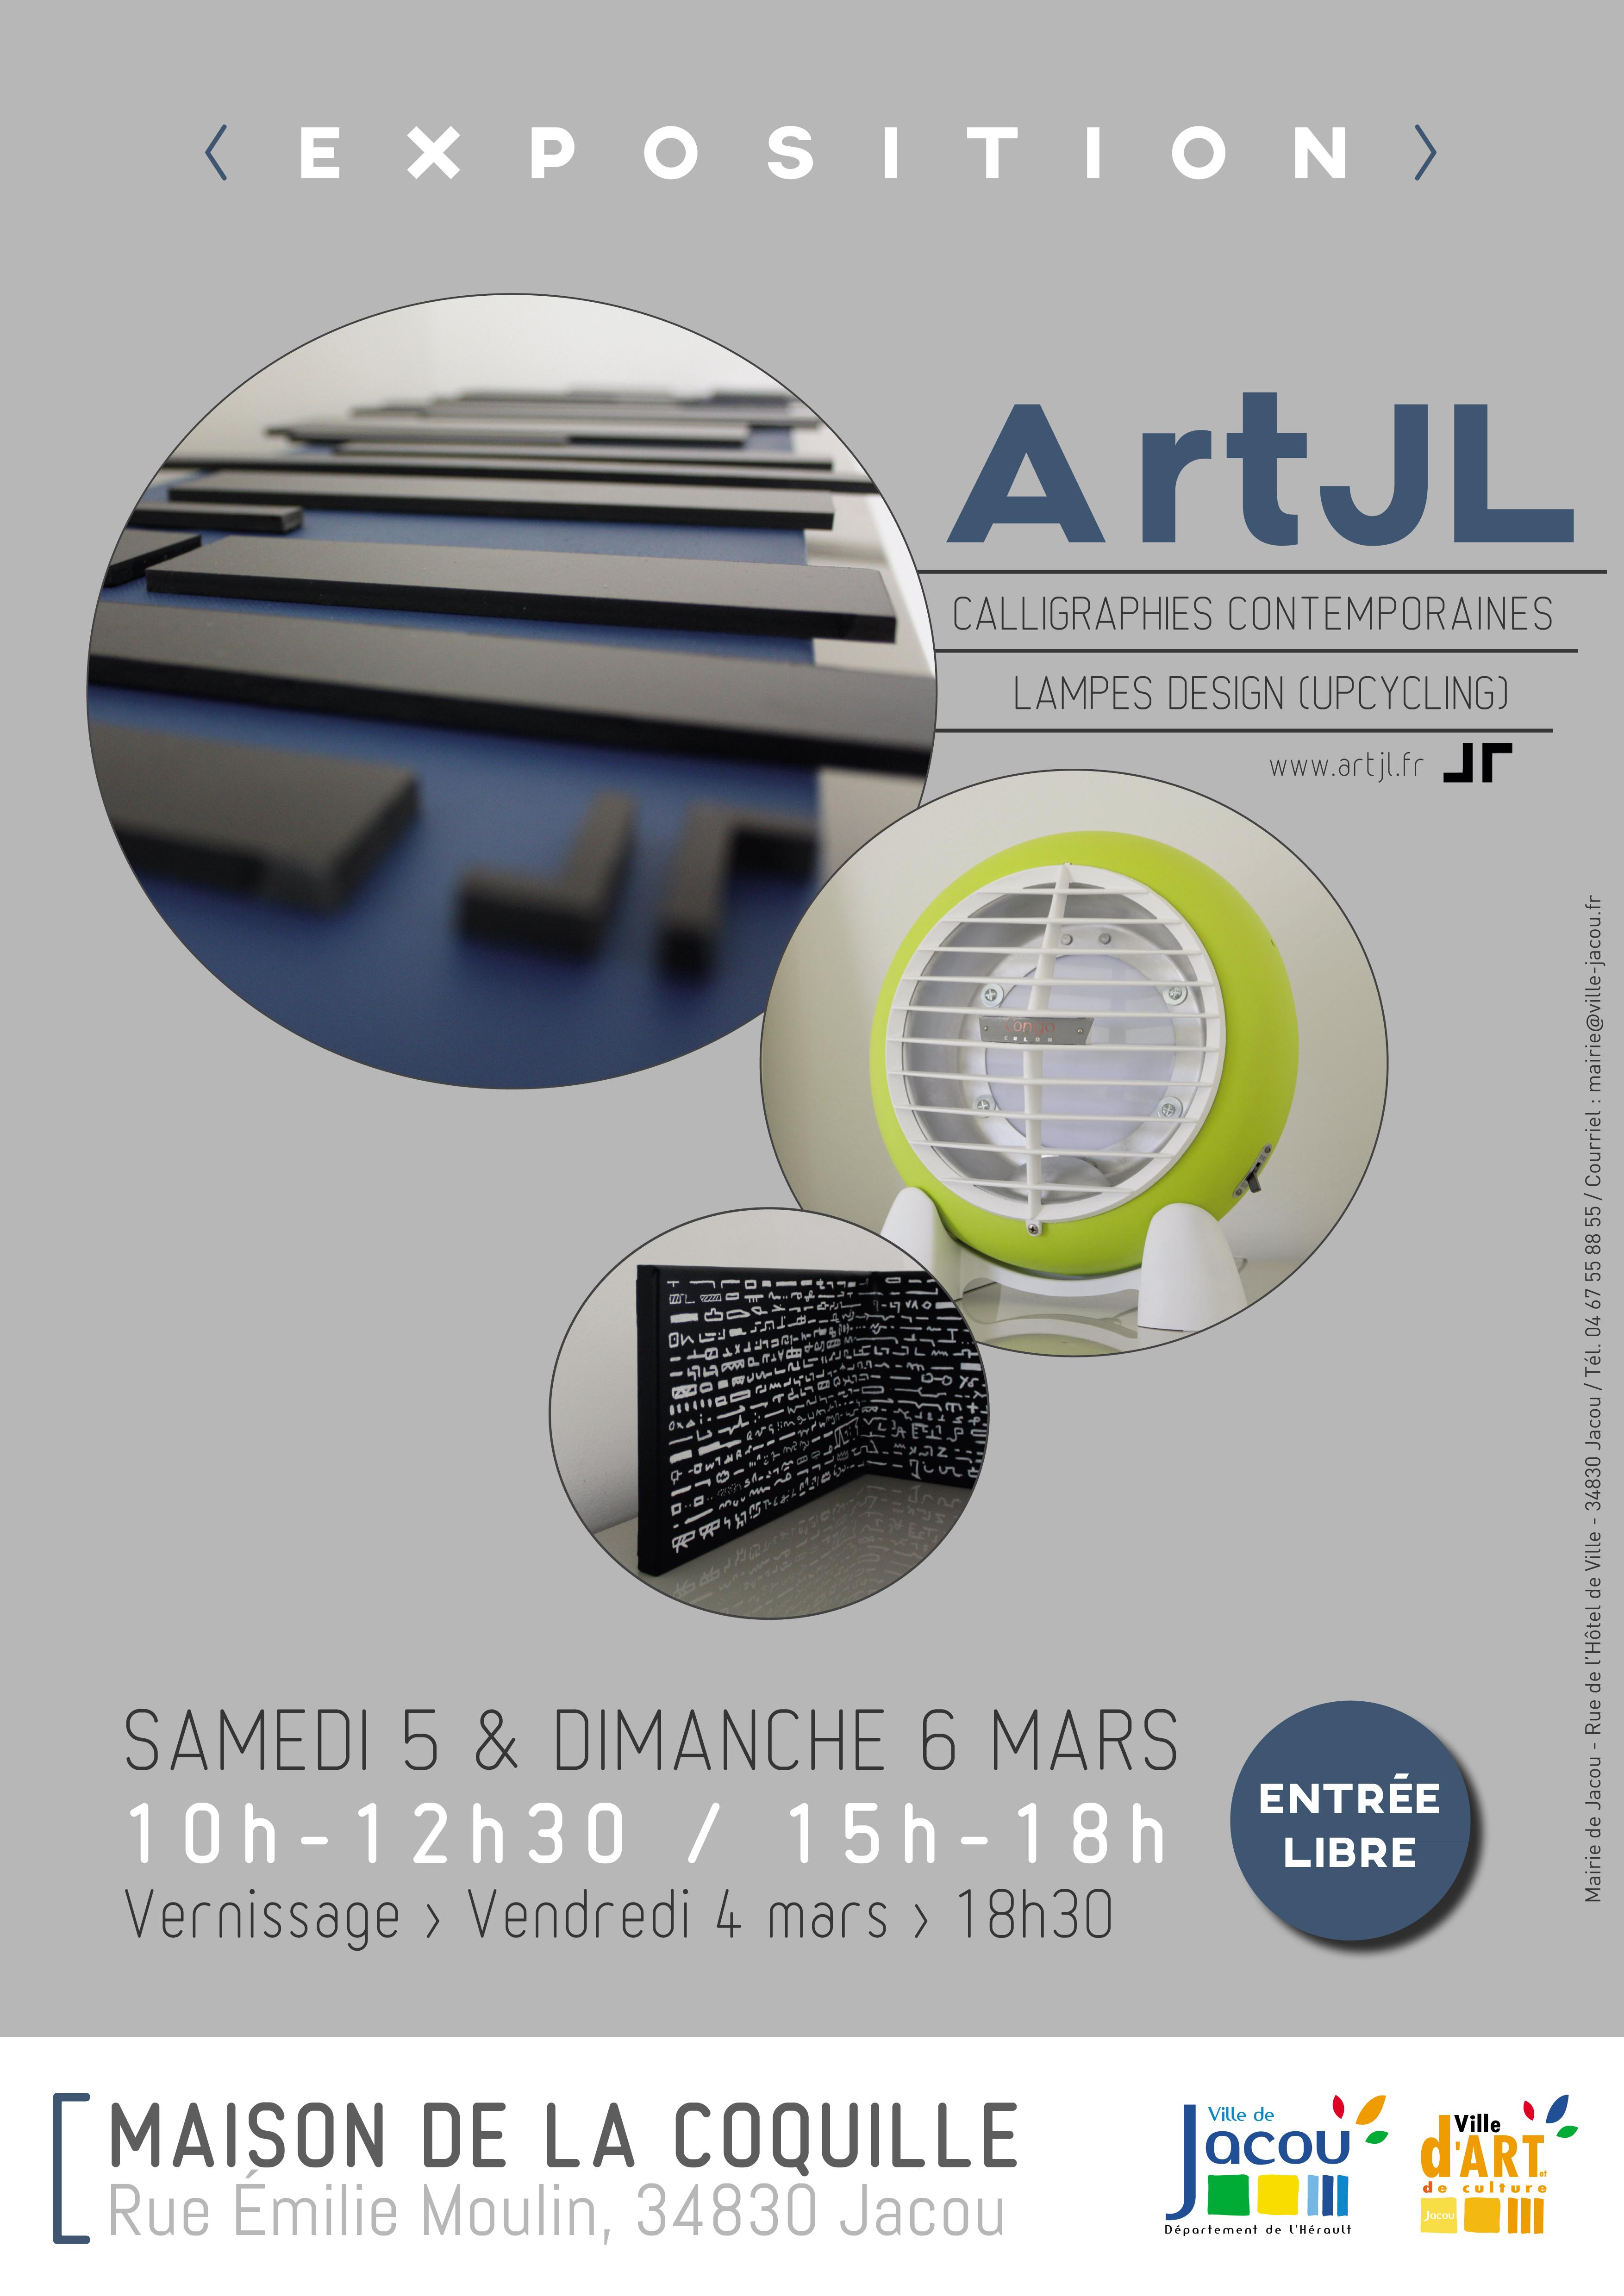 Art Jl présente ses calligraphies contemporaines et lampes design à Jacou – maison de la coquille- 5&6 mars 2016